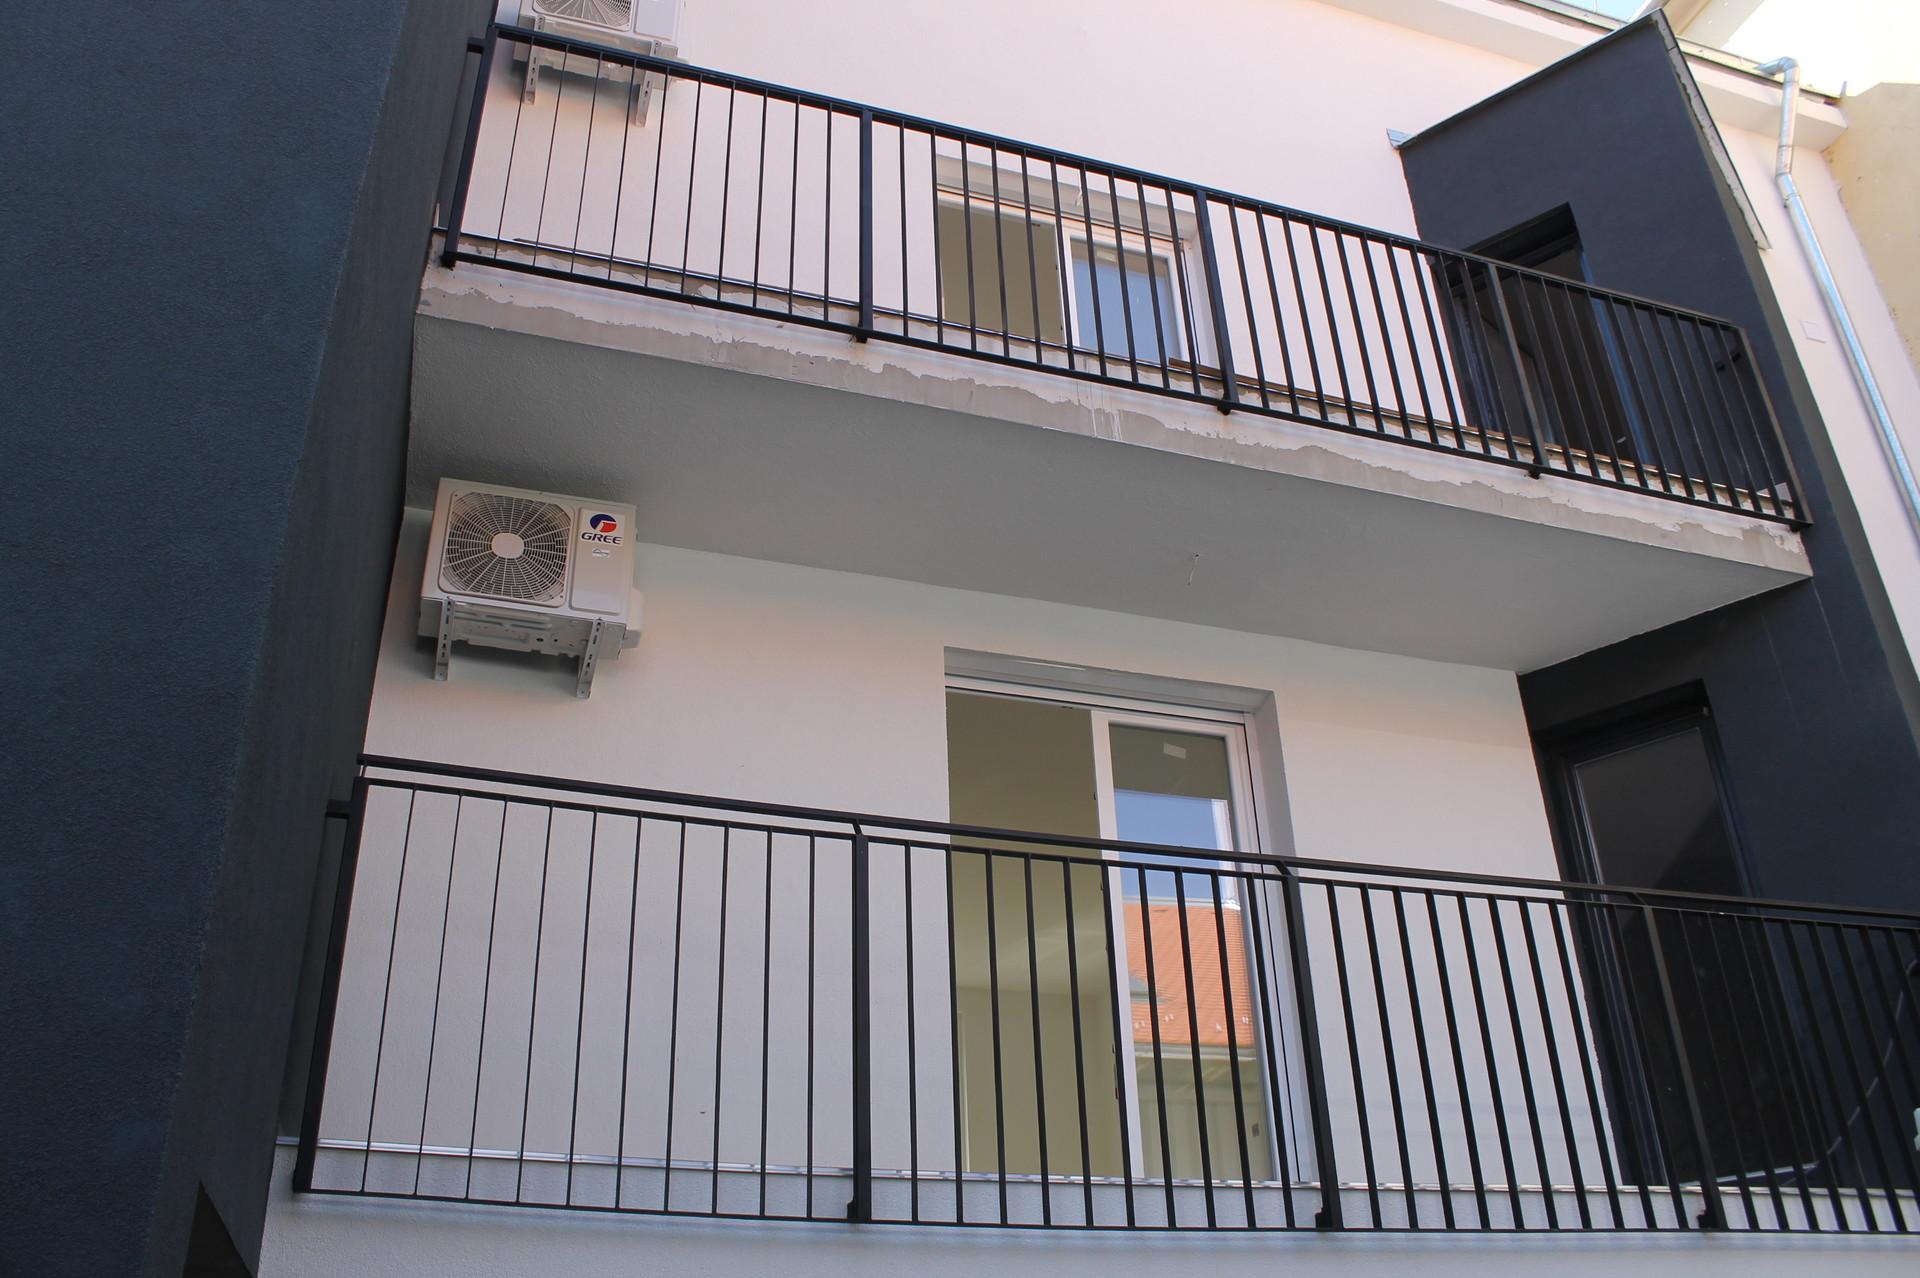 newly-built-apartments-historical-downtown-pecs-26f9b31180fac83e8ae04a623f0b57fa.jpg